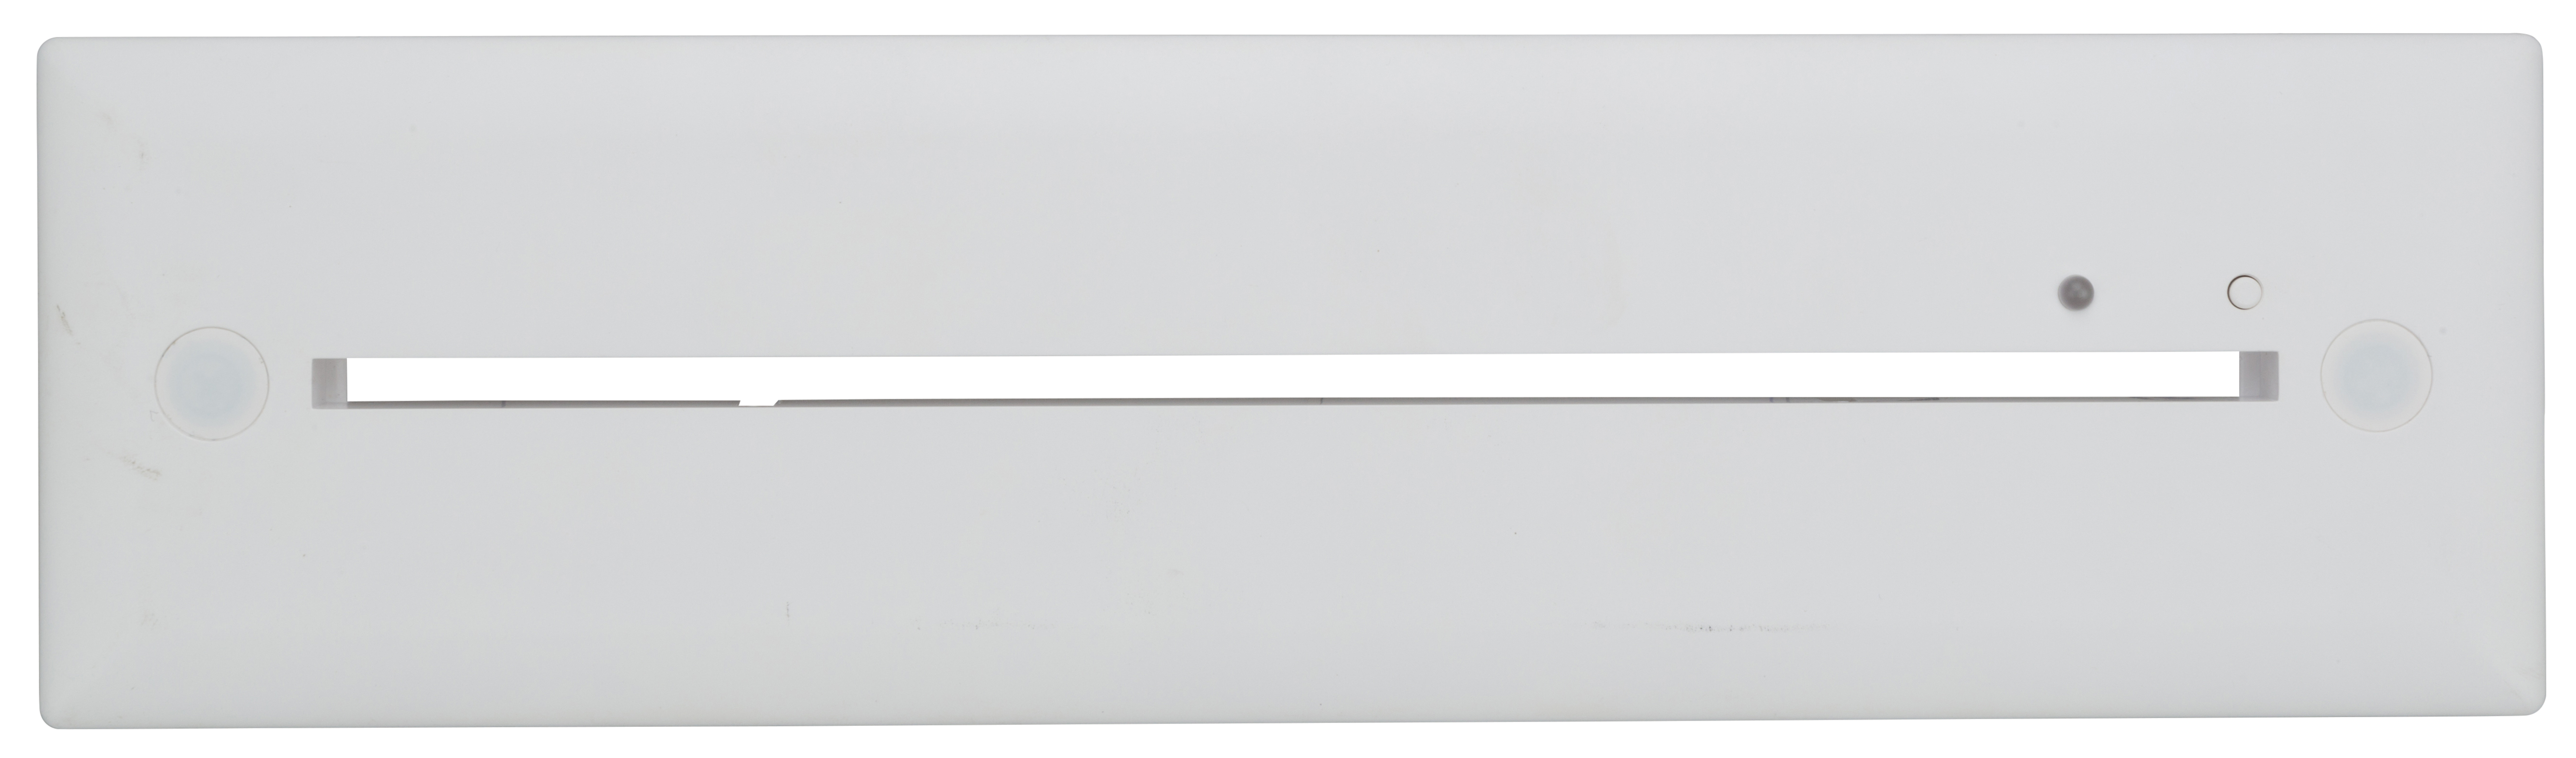 Einbaurahmen weiß für Notleuchten Design K2